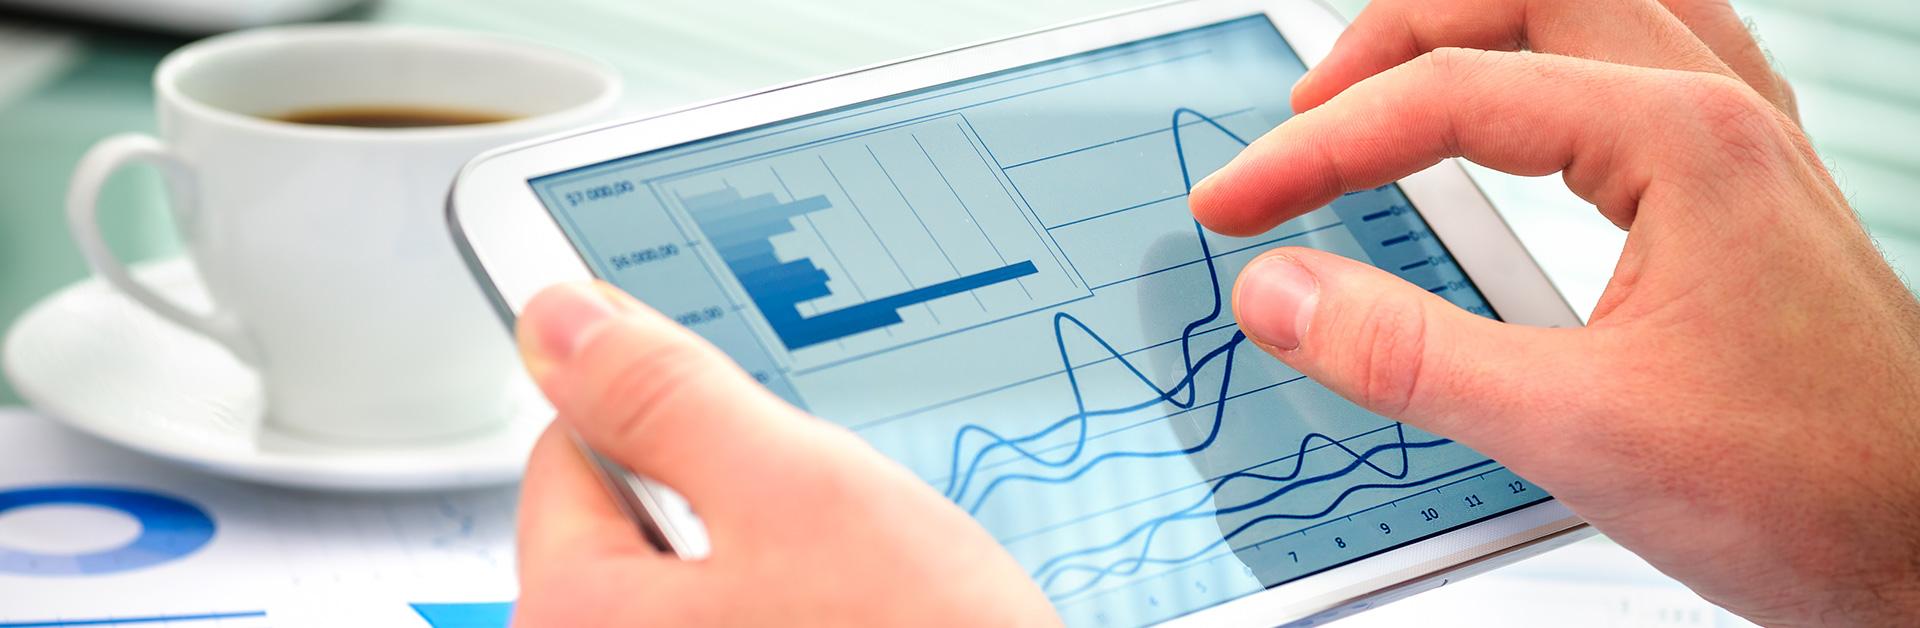 Foto de um tablet com gráficos